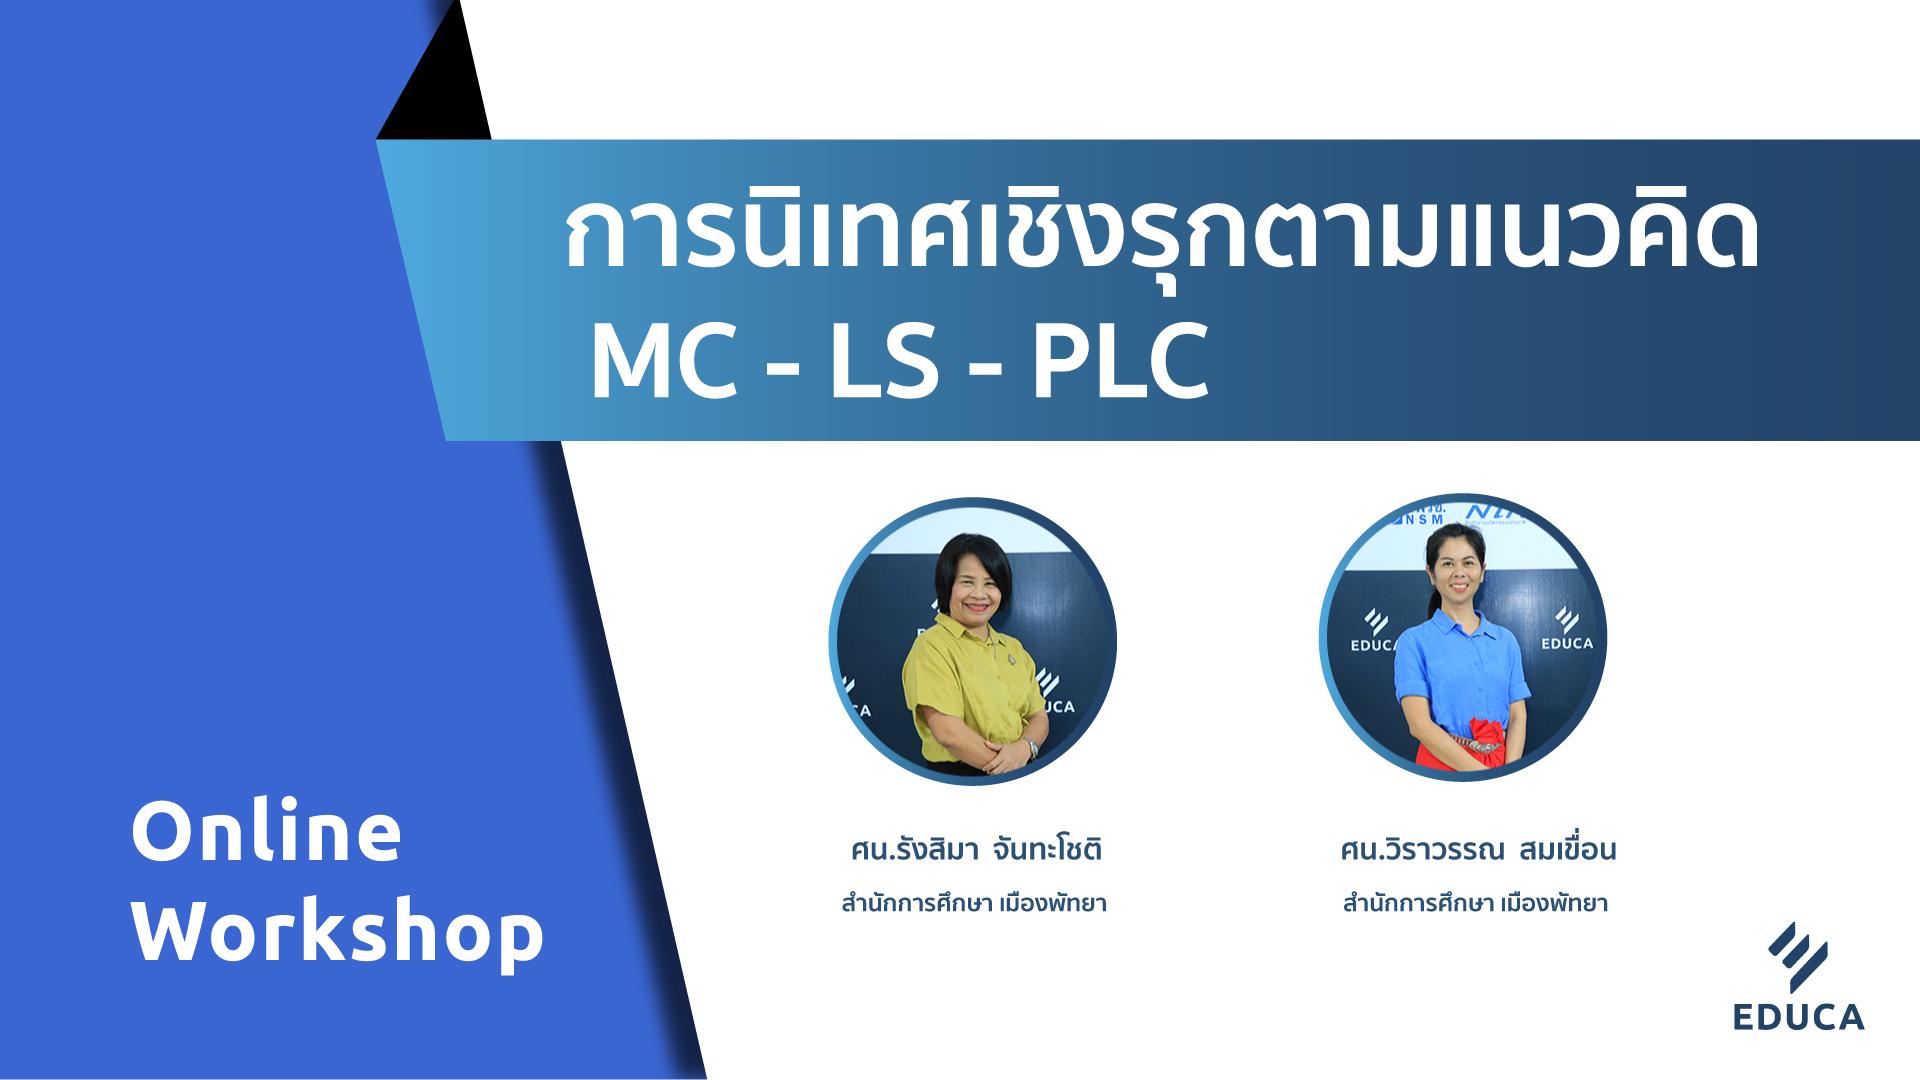 การนิเทศเชิงรุกตามแนวคิด MC - LS - PLC